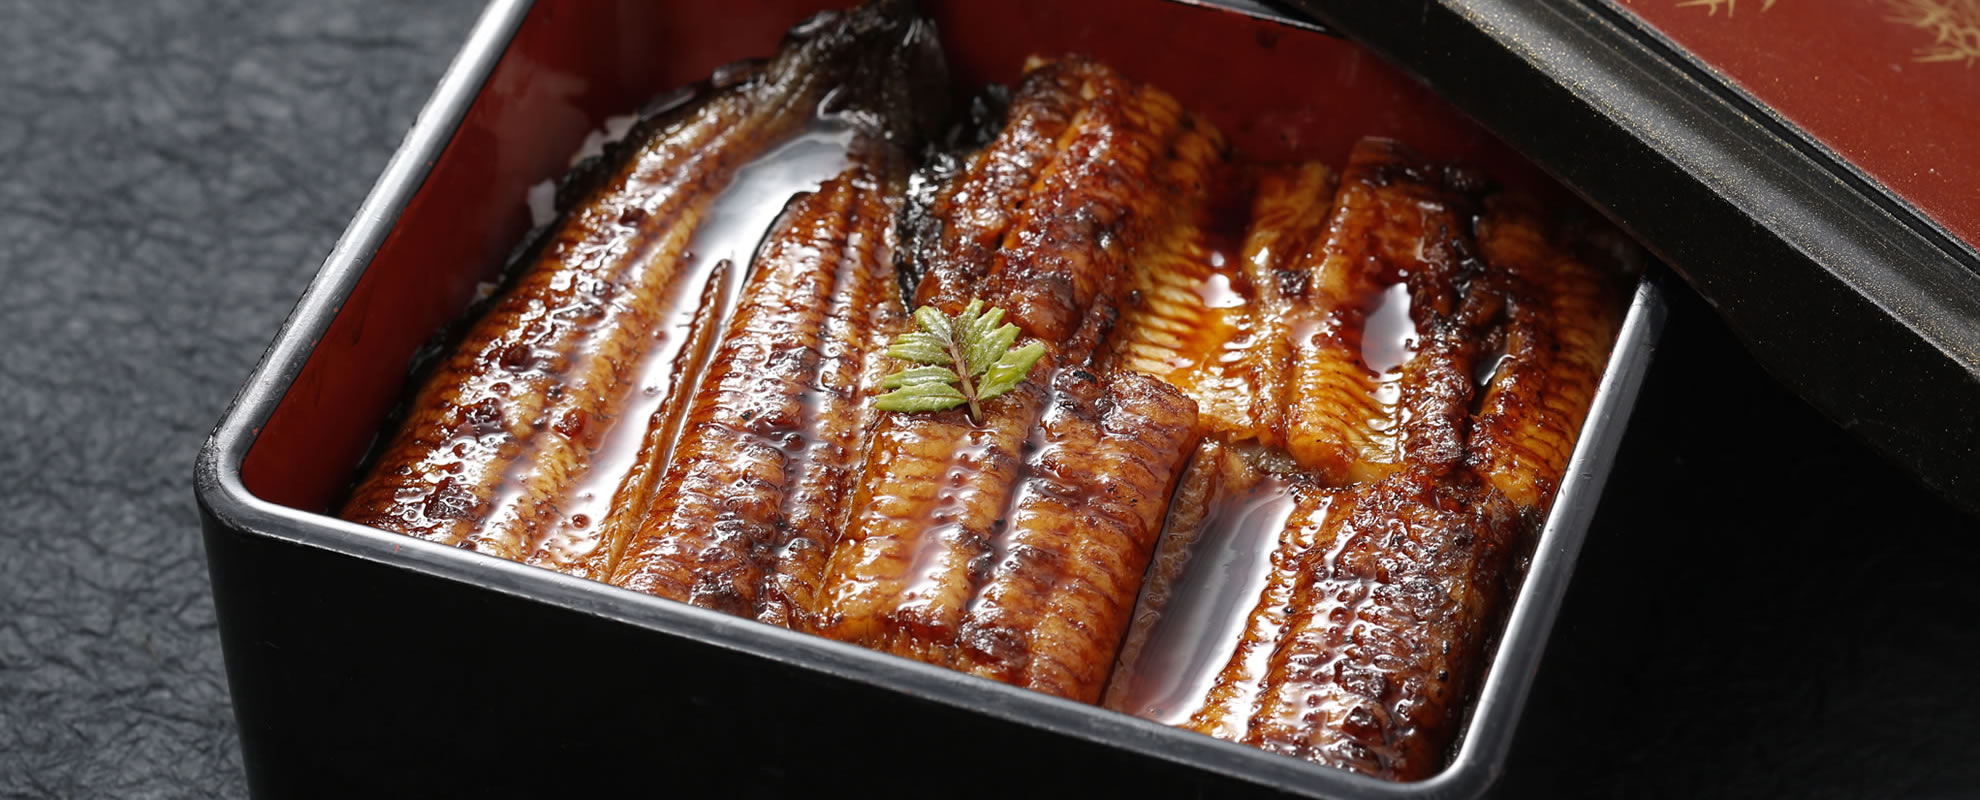 松江市でのランチ・食事 うなぎの老舗専門店|山美世